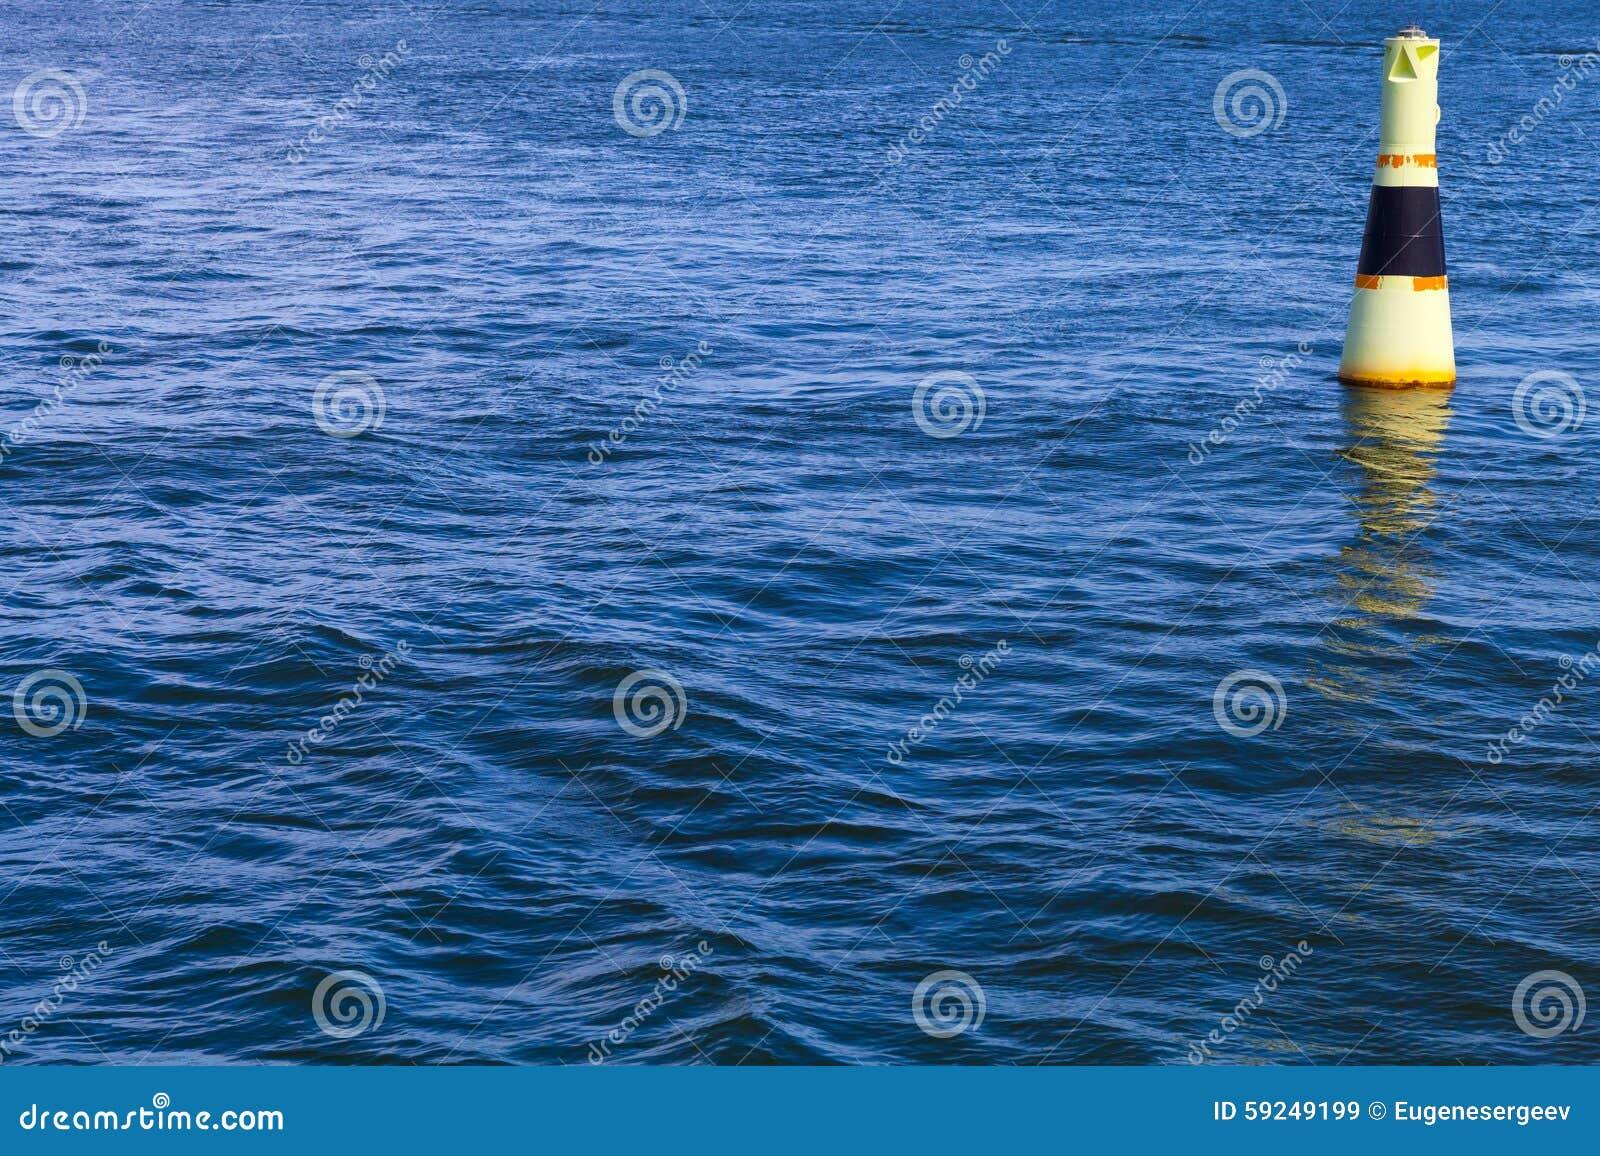 Boya moderna amarilla de la navegación con la raya negra